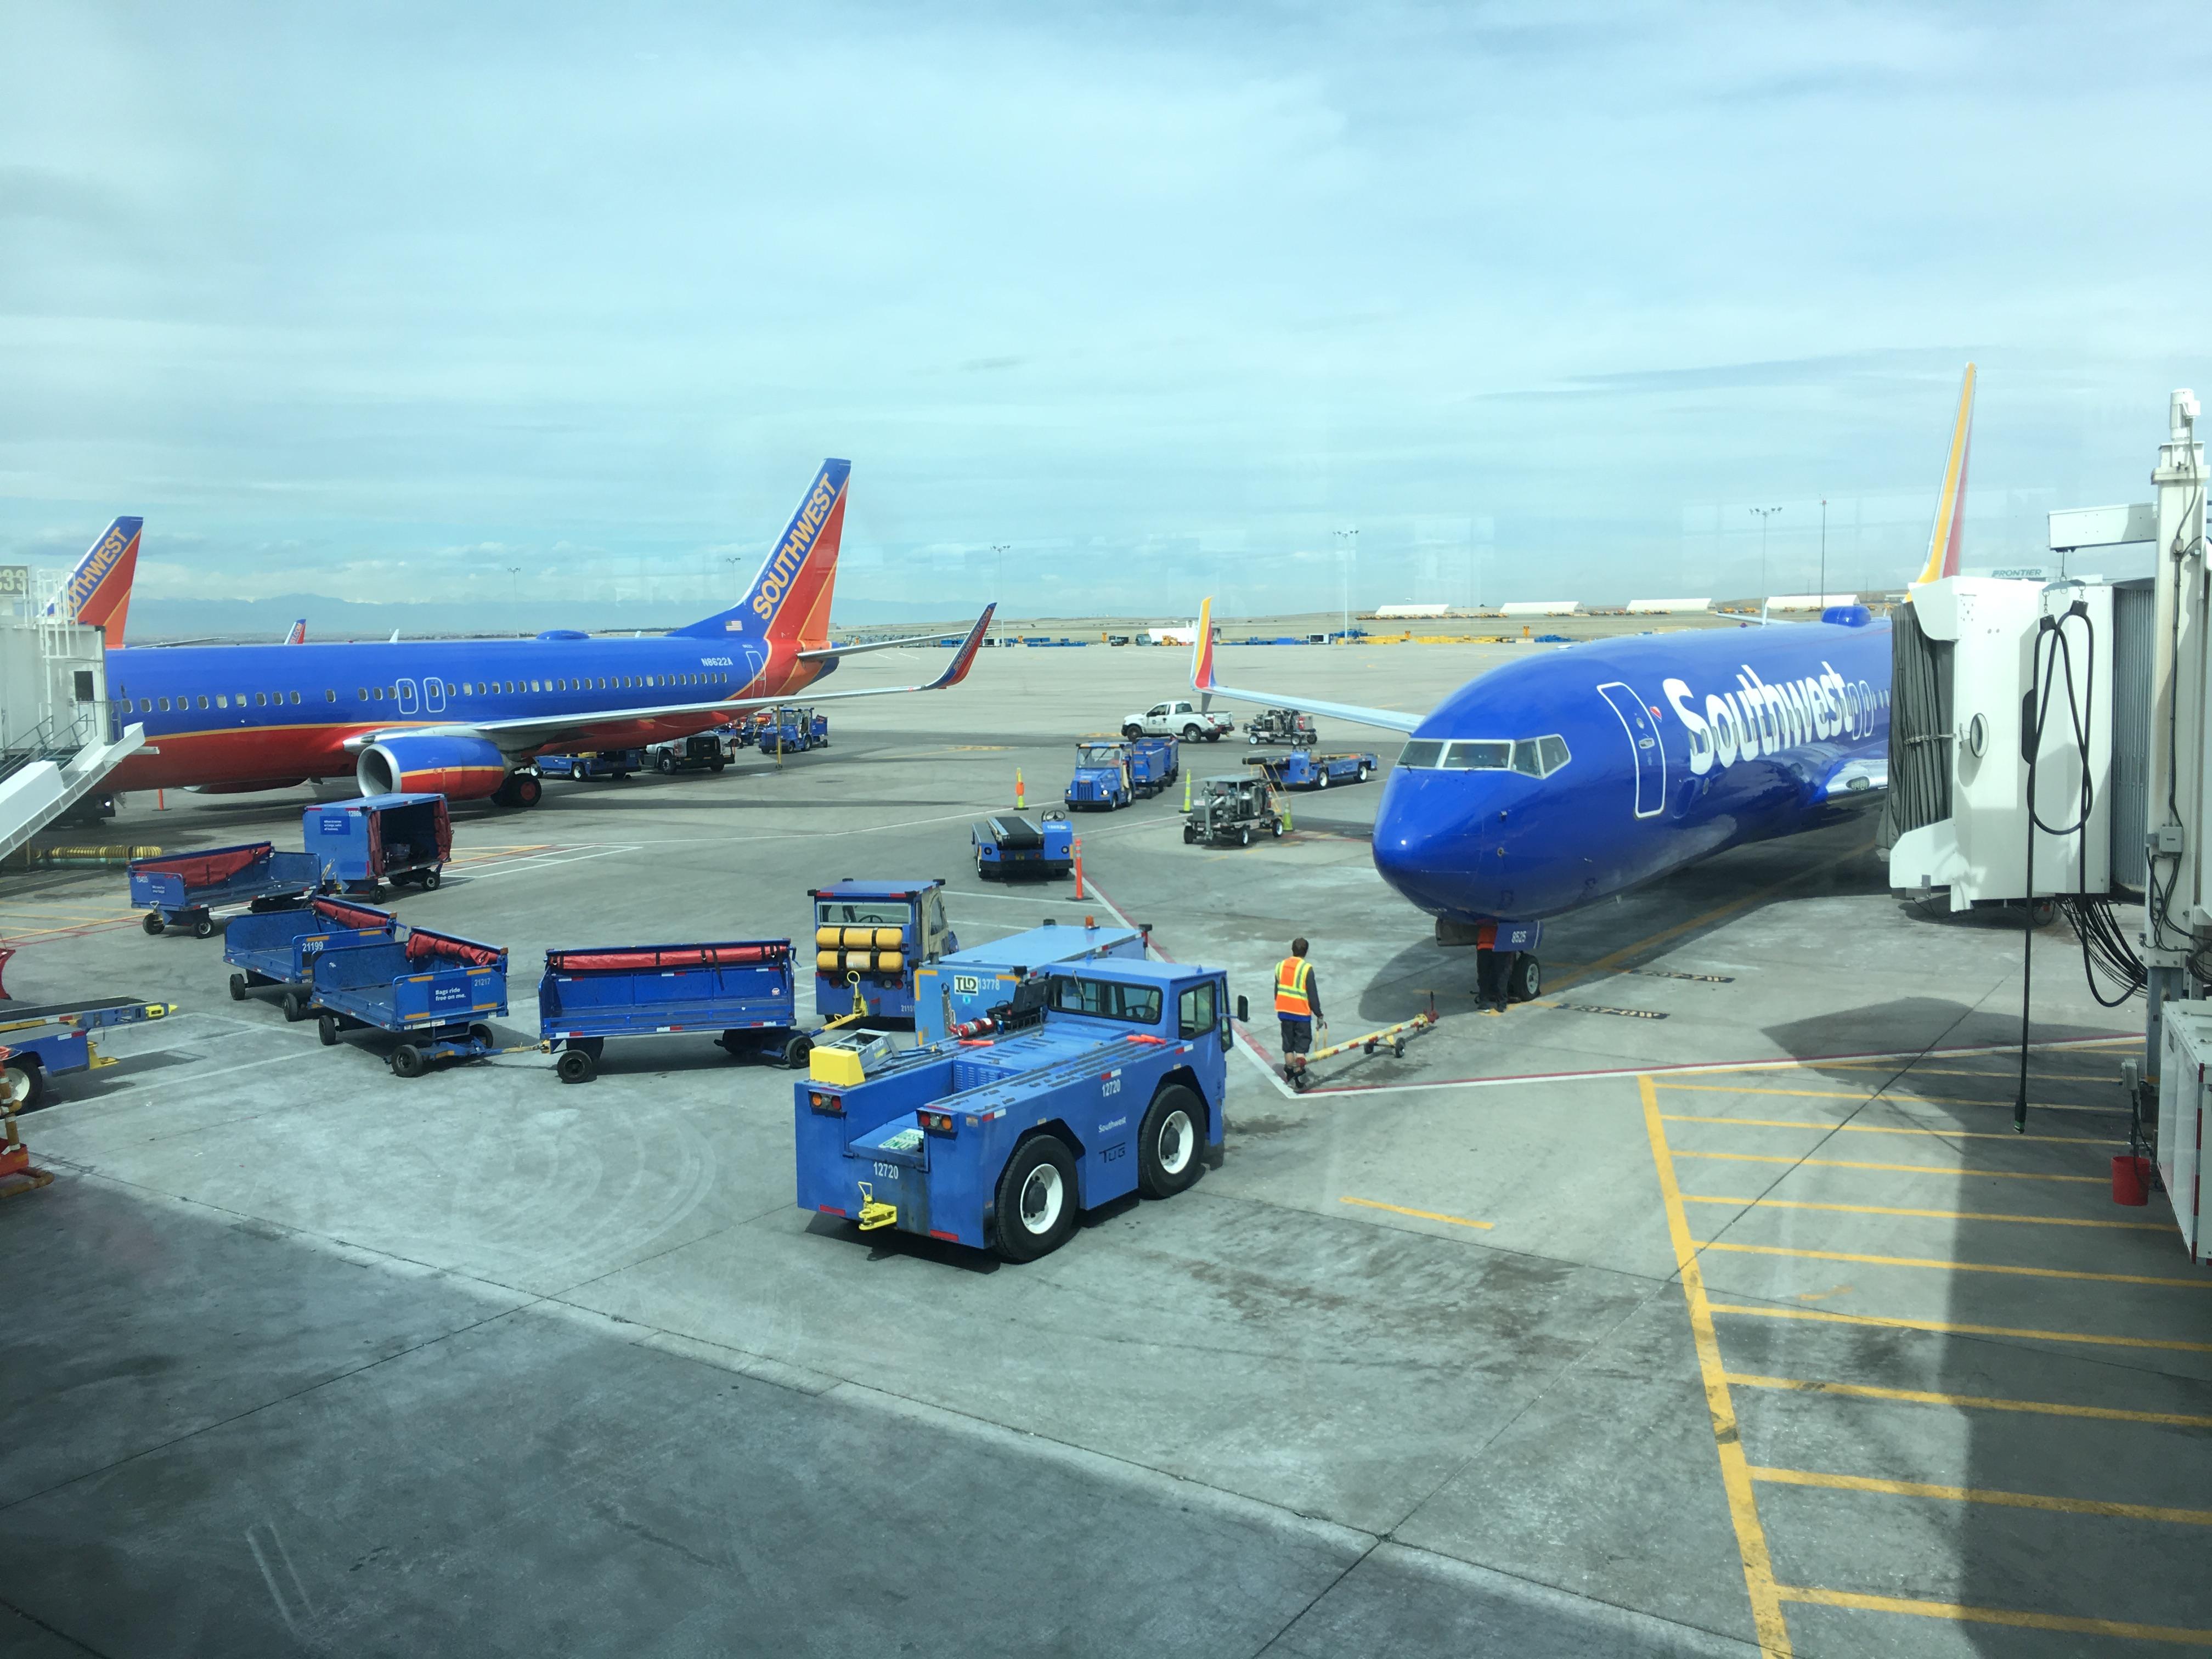 Resultado de imagen para denver airport southwest airlines